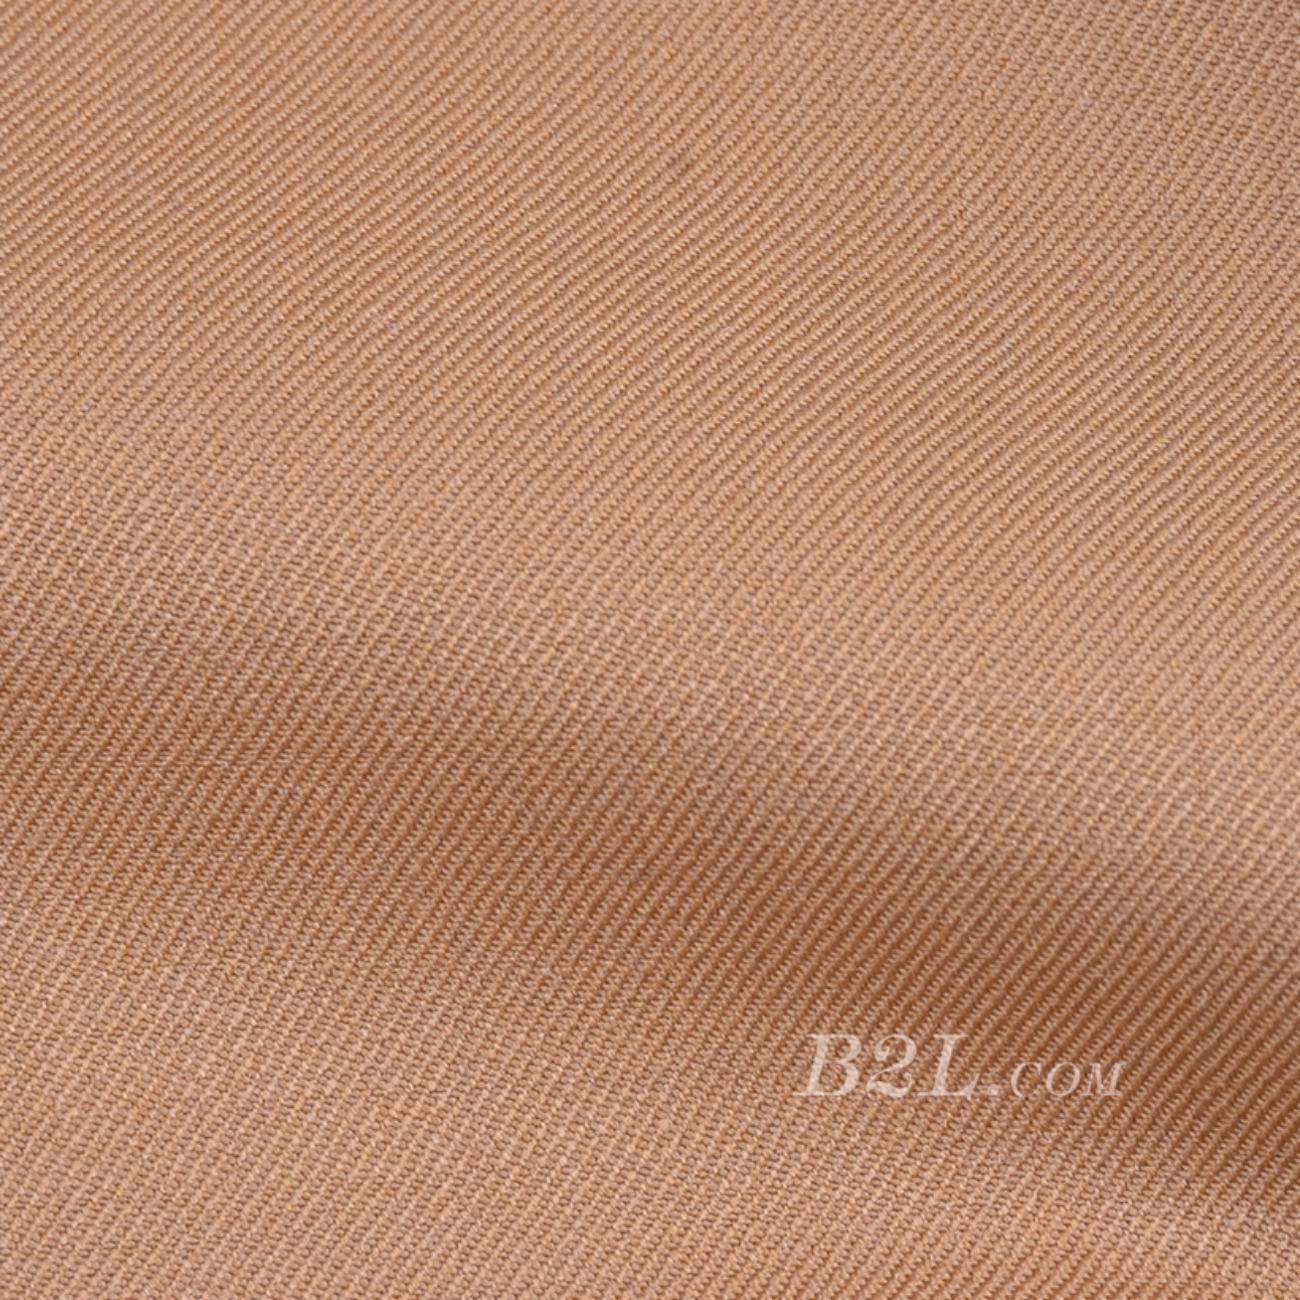 梭织 素色 柔软 细腻 染色 低弹 外套 风衣 女装 春秋 71206-60